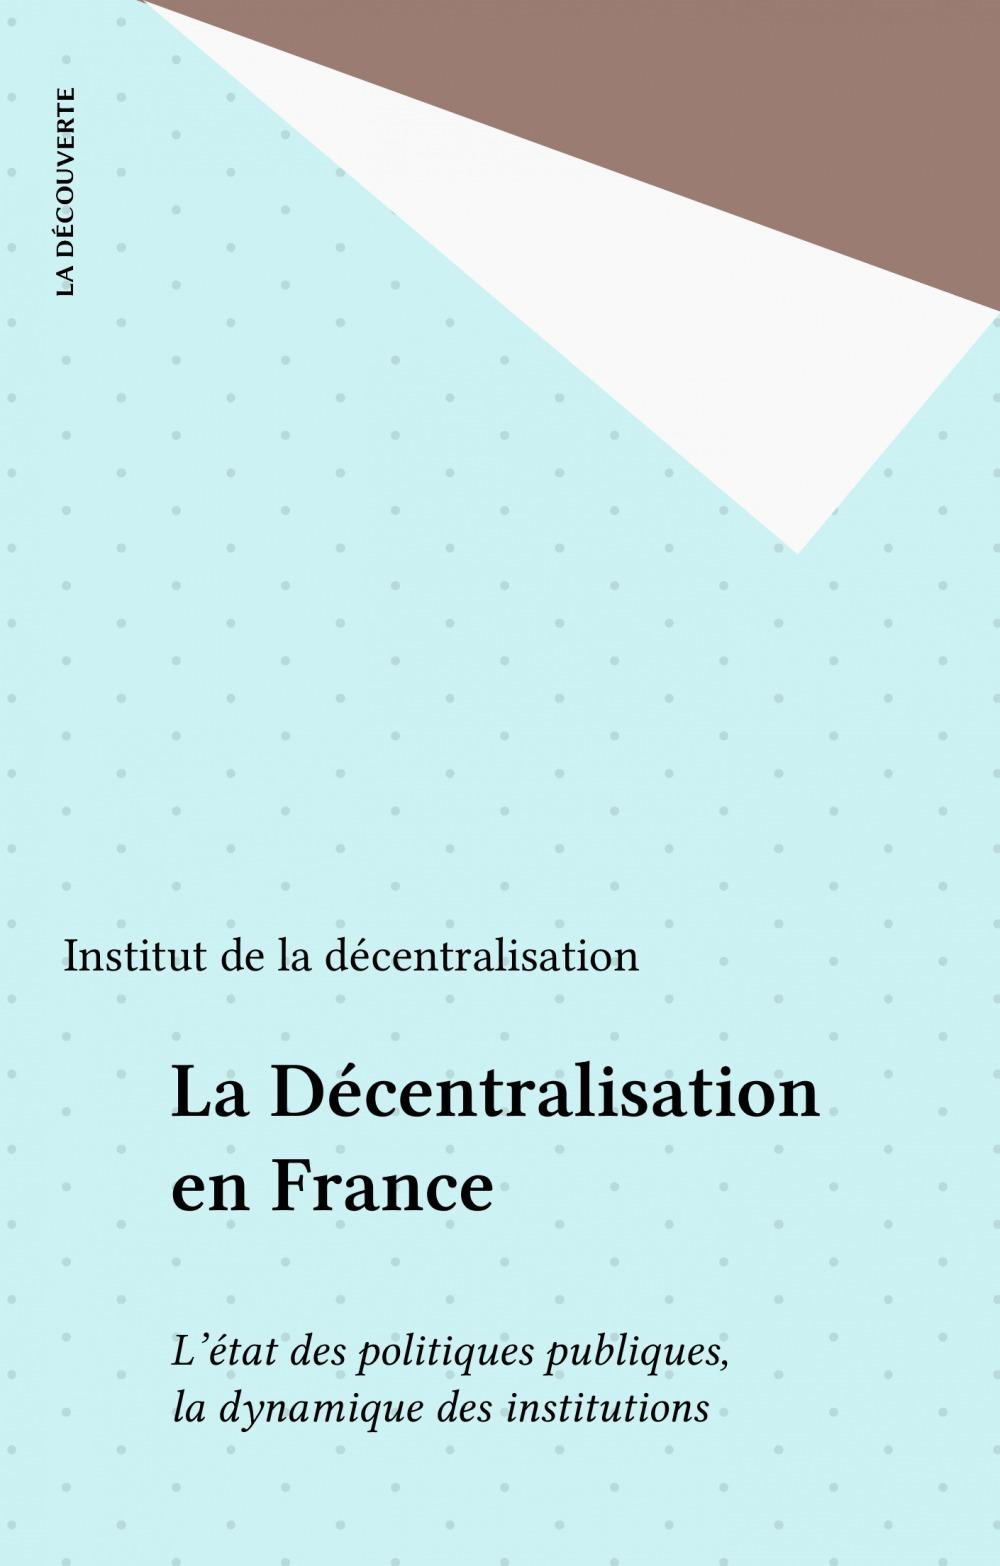 La Décentralisation en France